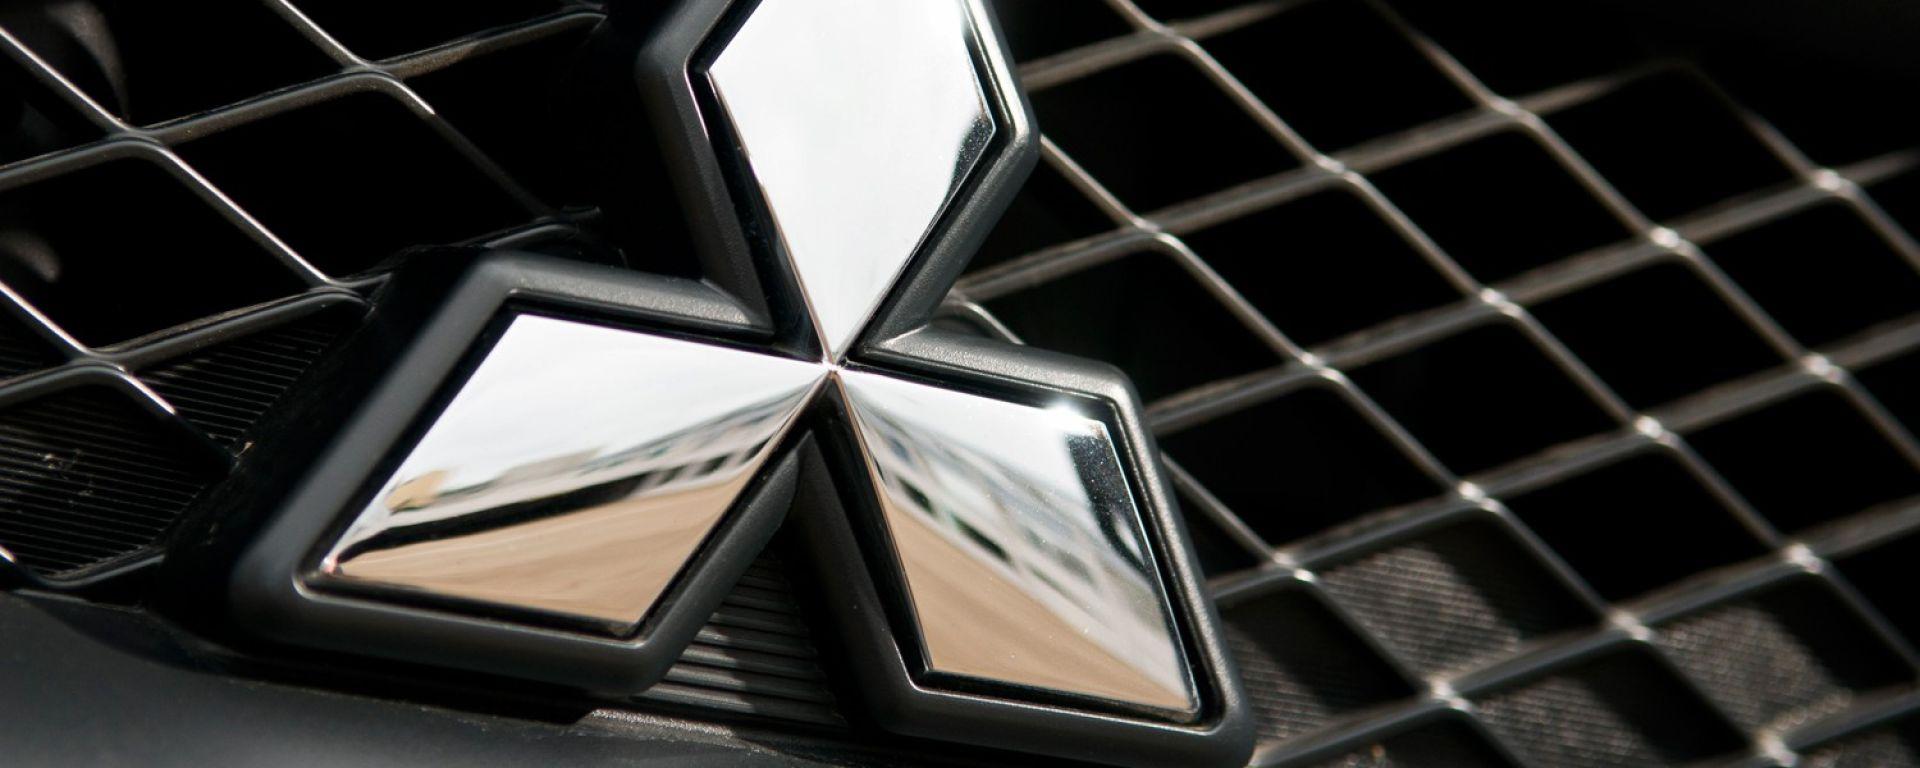 Test sui consumi: Mitsubishi li sbaglia da 25 anni